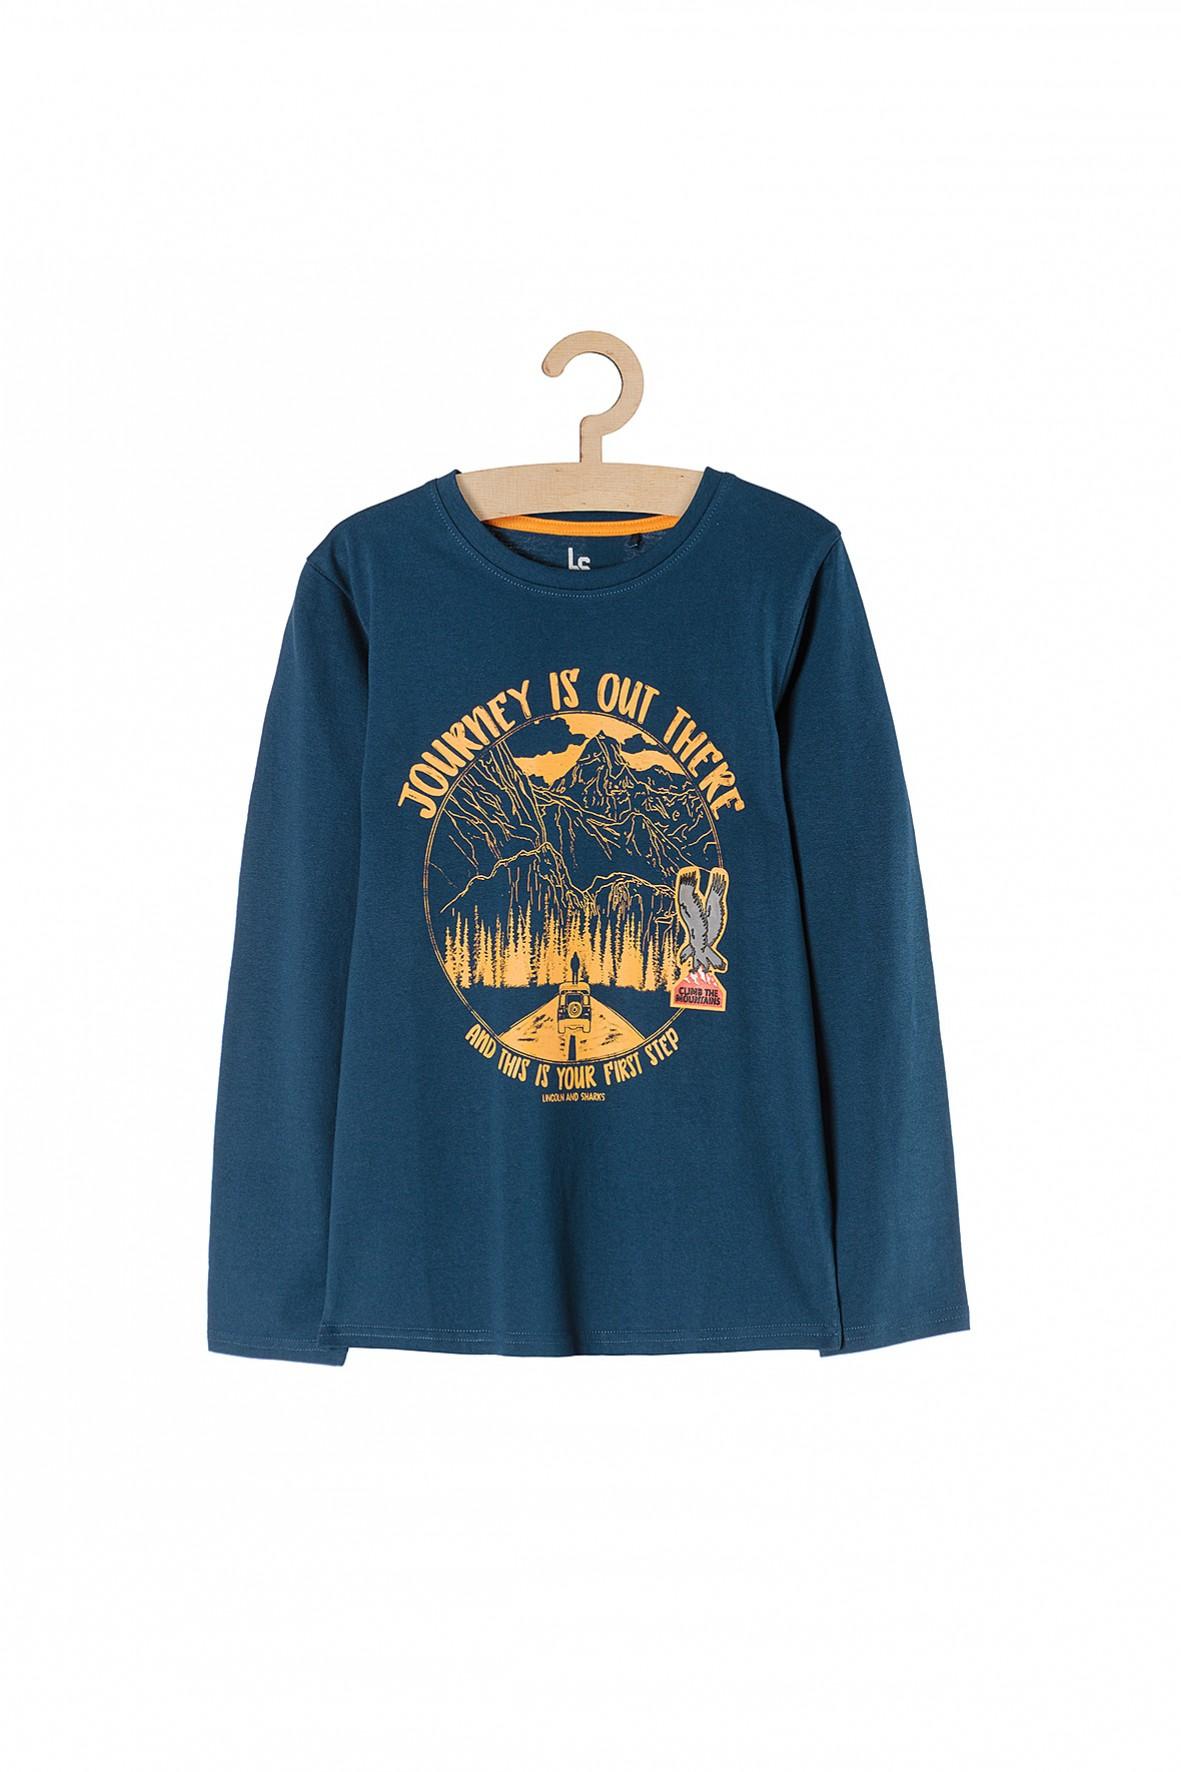 Bluzka z długim rękawem dla chłopca- niebieska z nadrukami